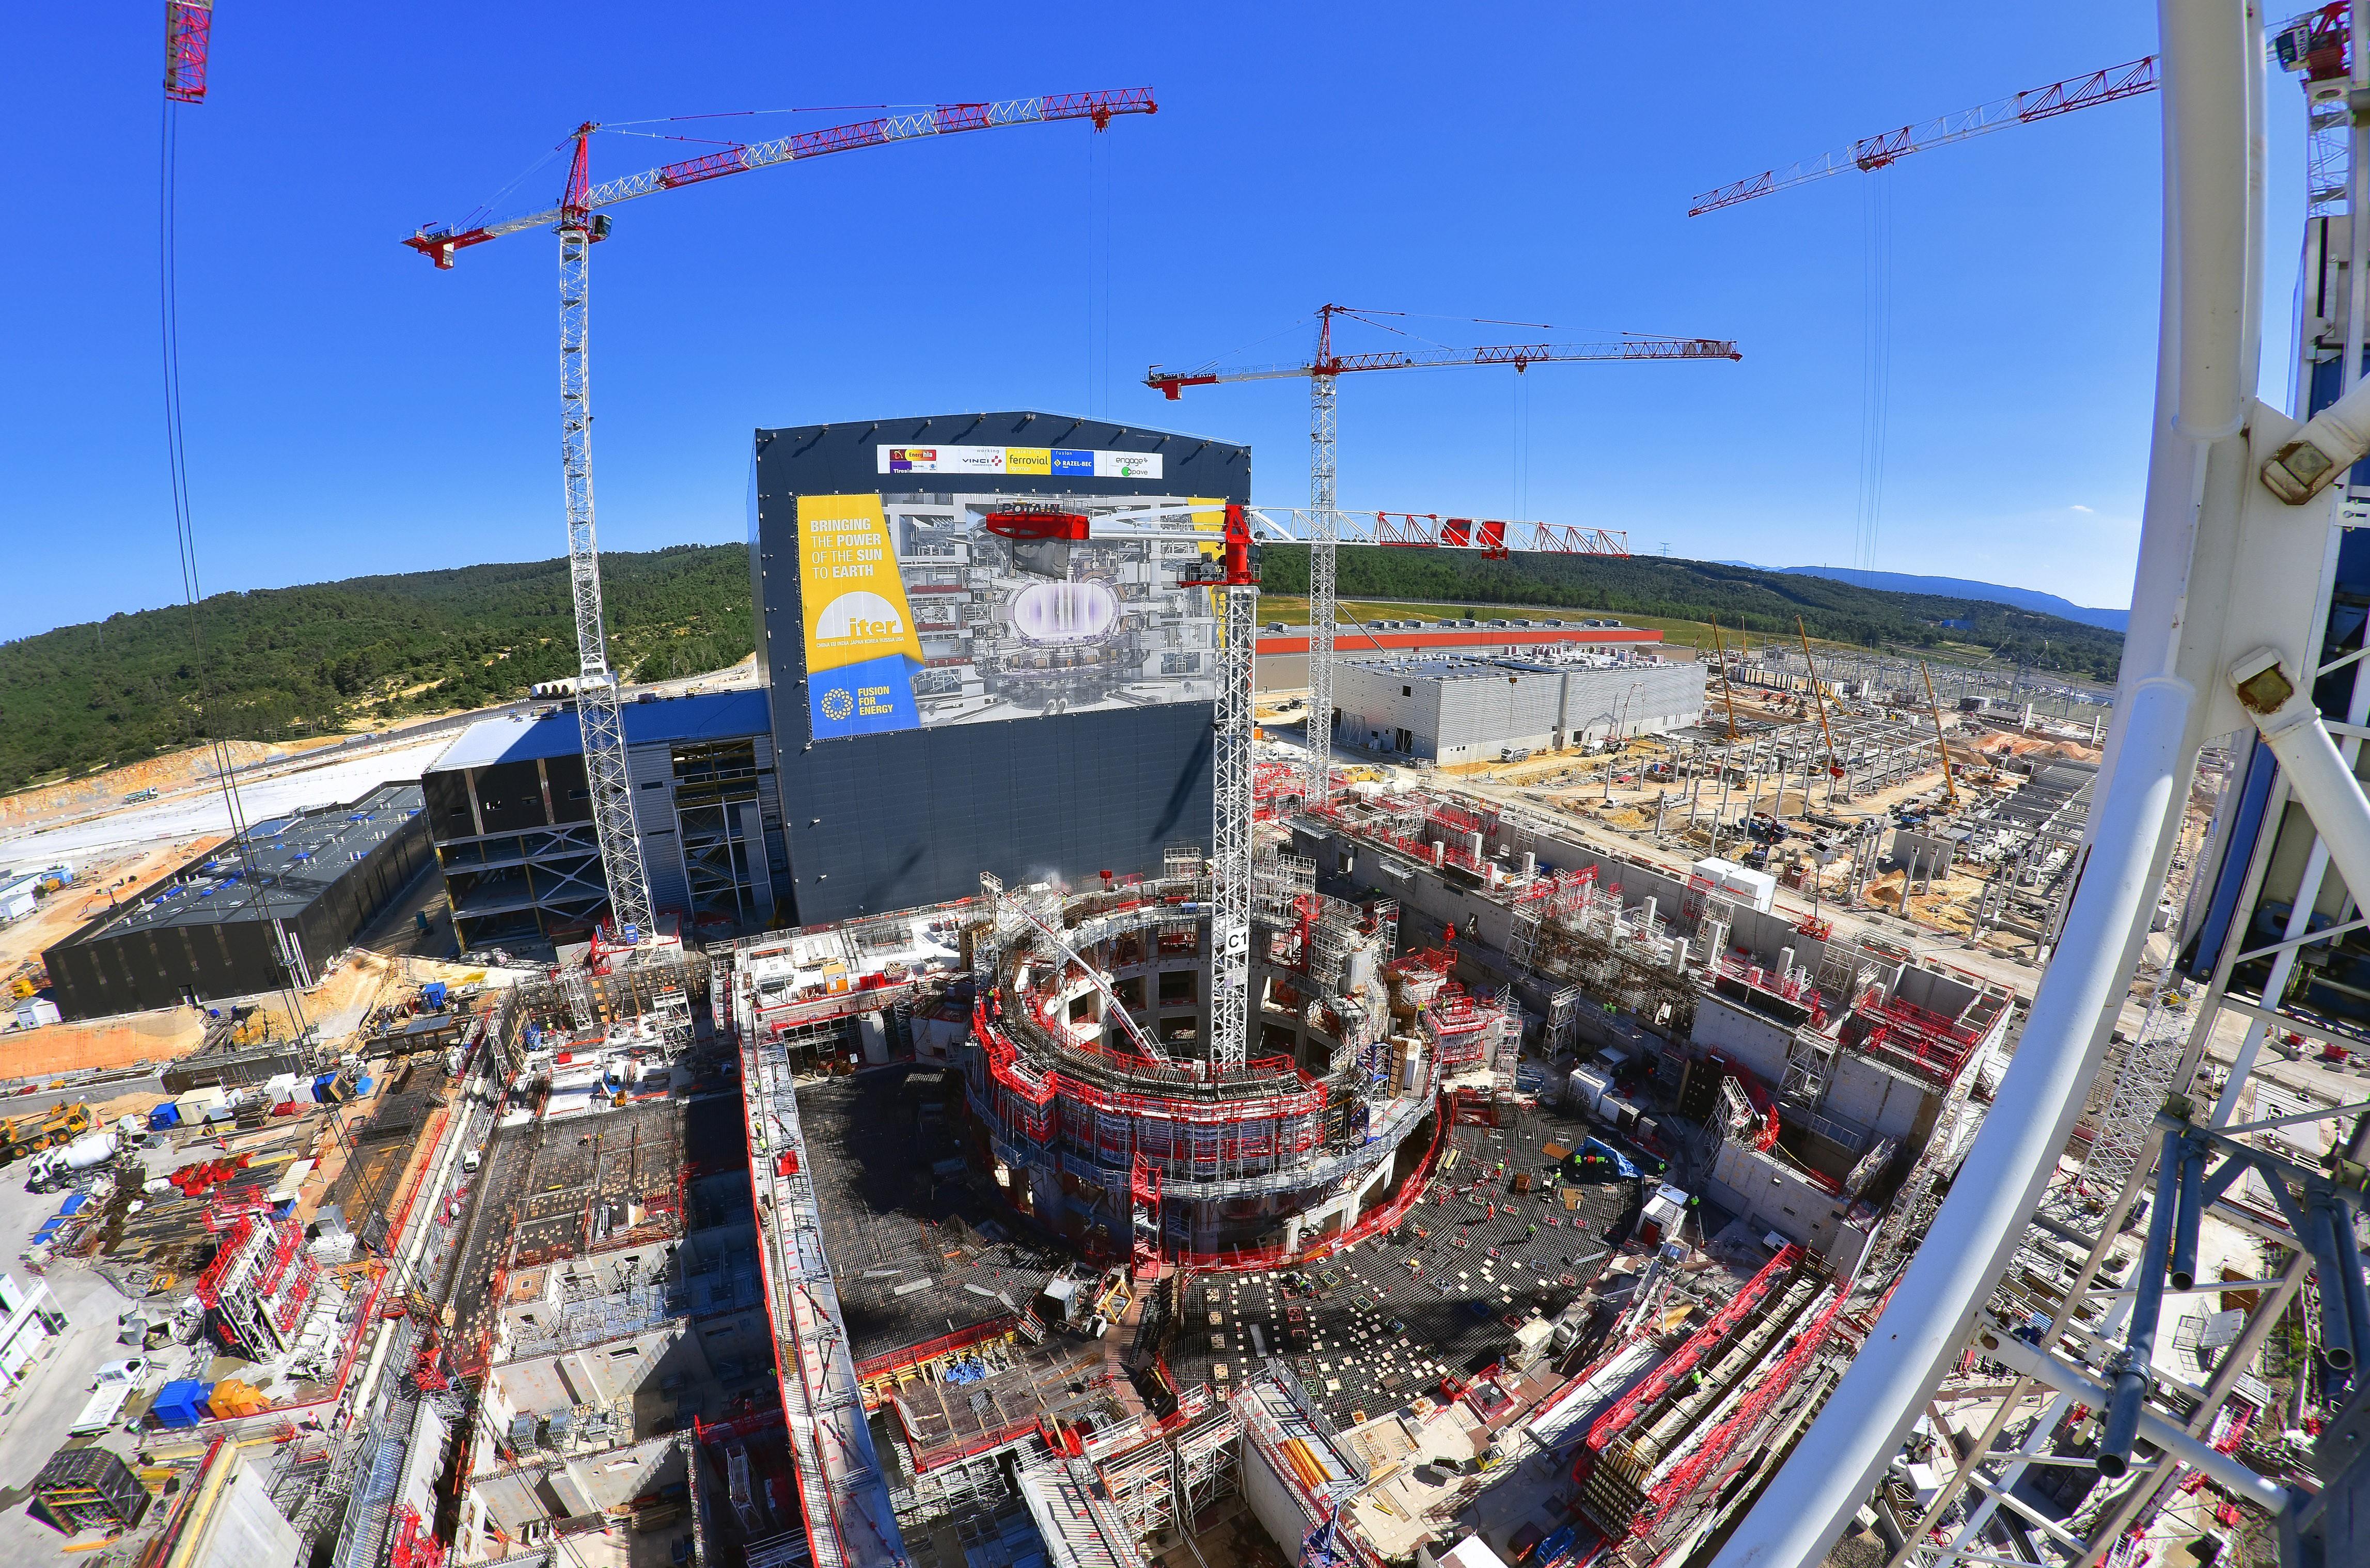 Rezultate imazhesh për iter nuclear fusion